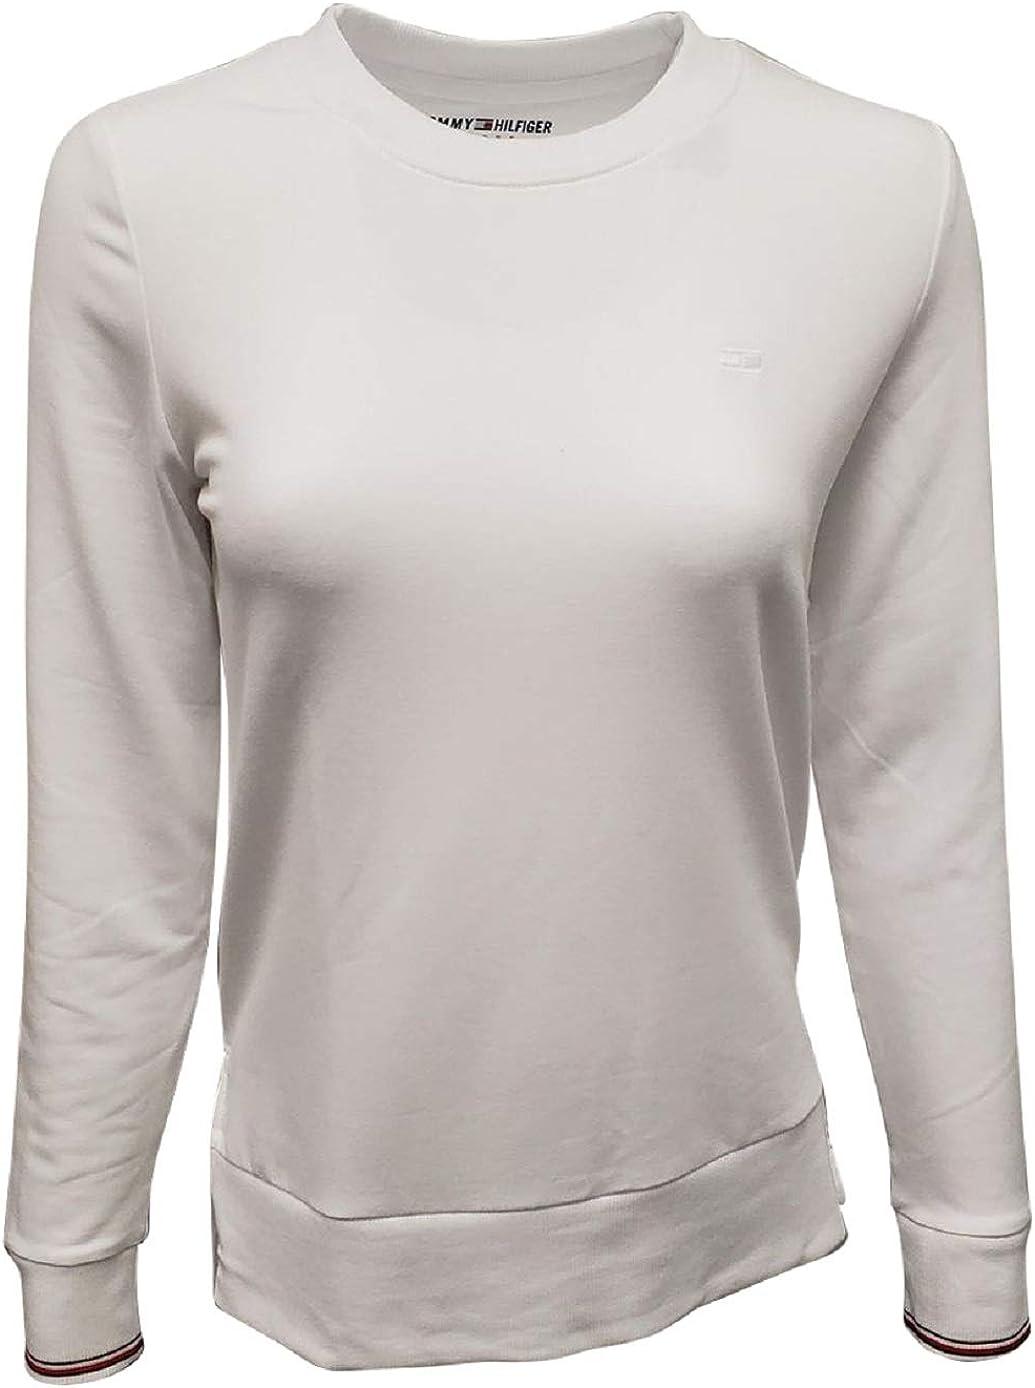 Tommy Hilfiger Sport Women's Lightweight Pullover Crewneck Sweatshirt